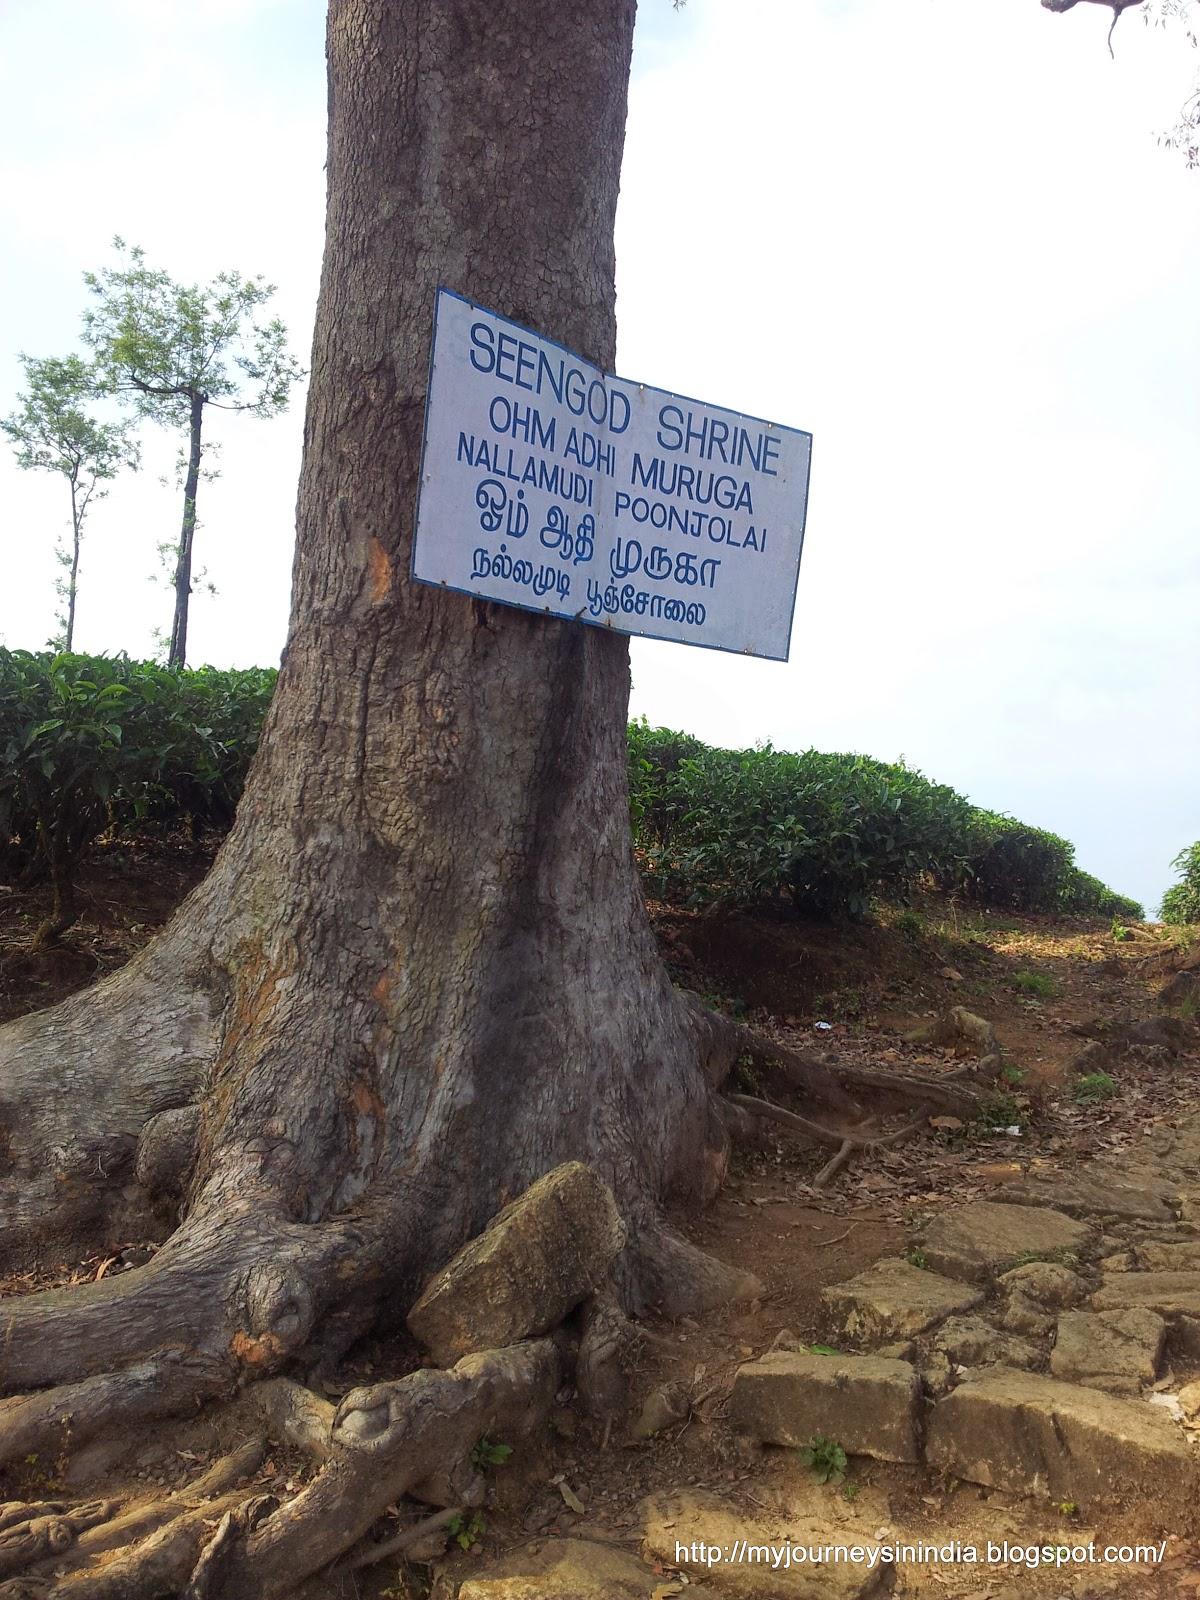 Valparai Nallamudi Pooncholai